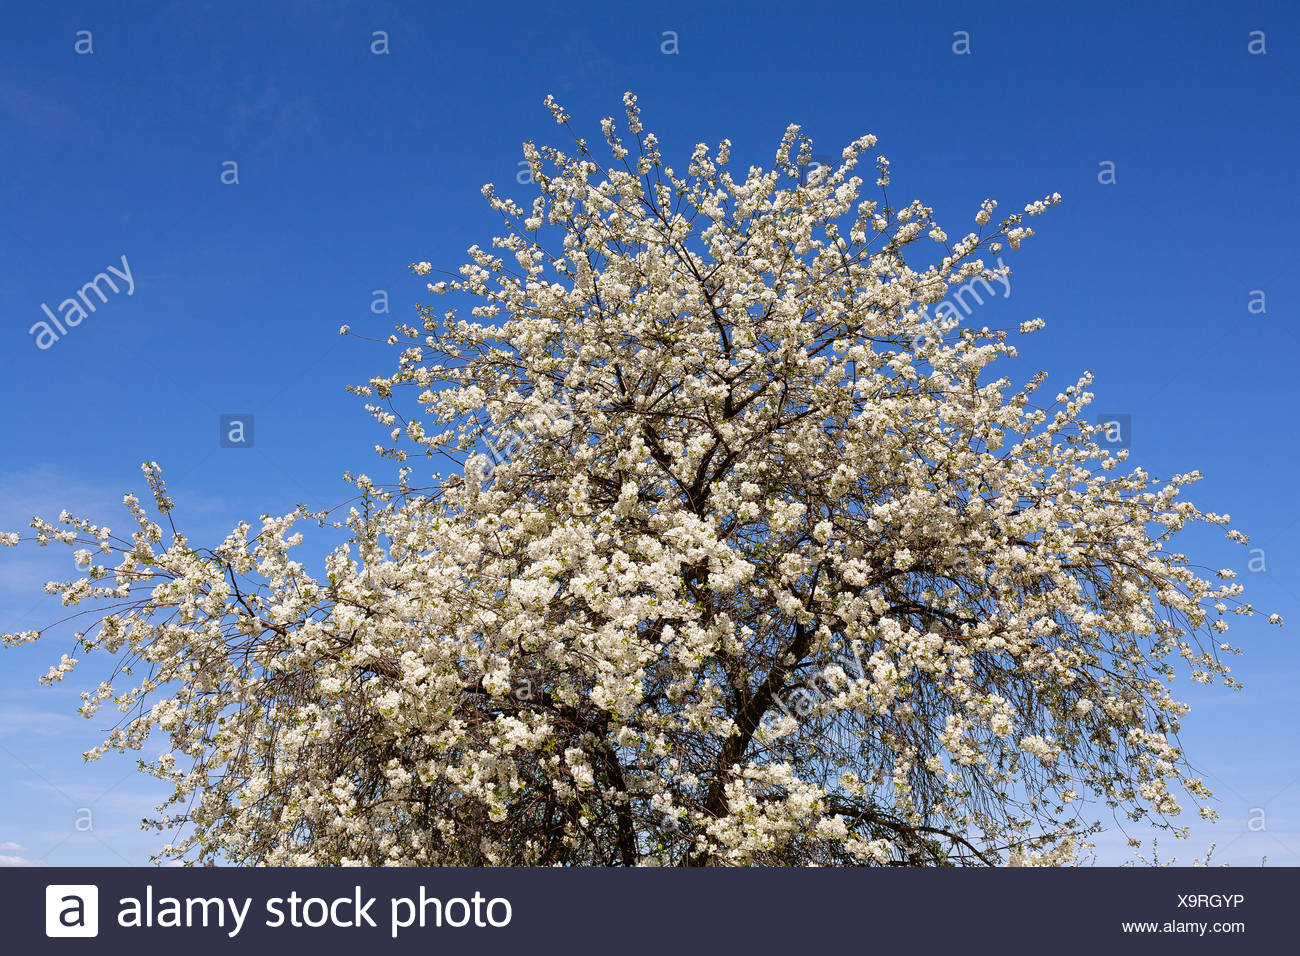 Fiori Bianchi Frutto.Alberi Da Frutto Allegra Tree Che Fiorisce In Primavera Con